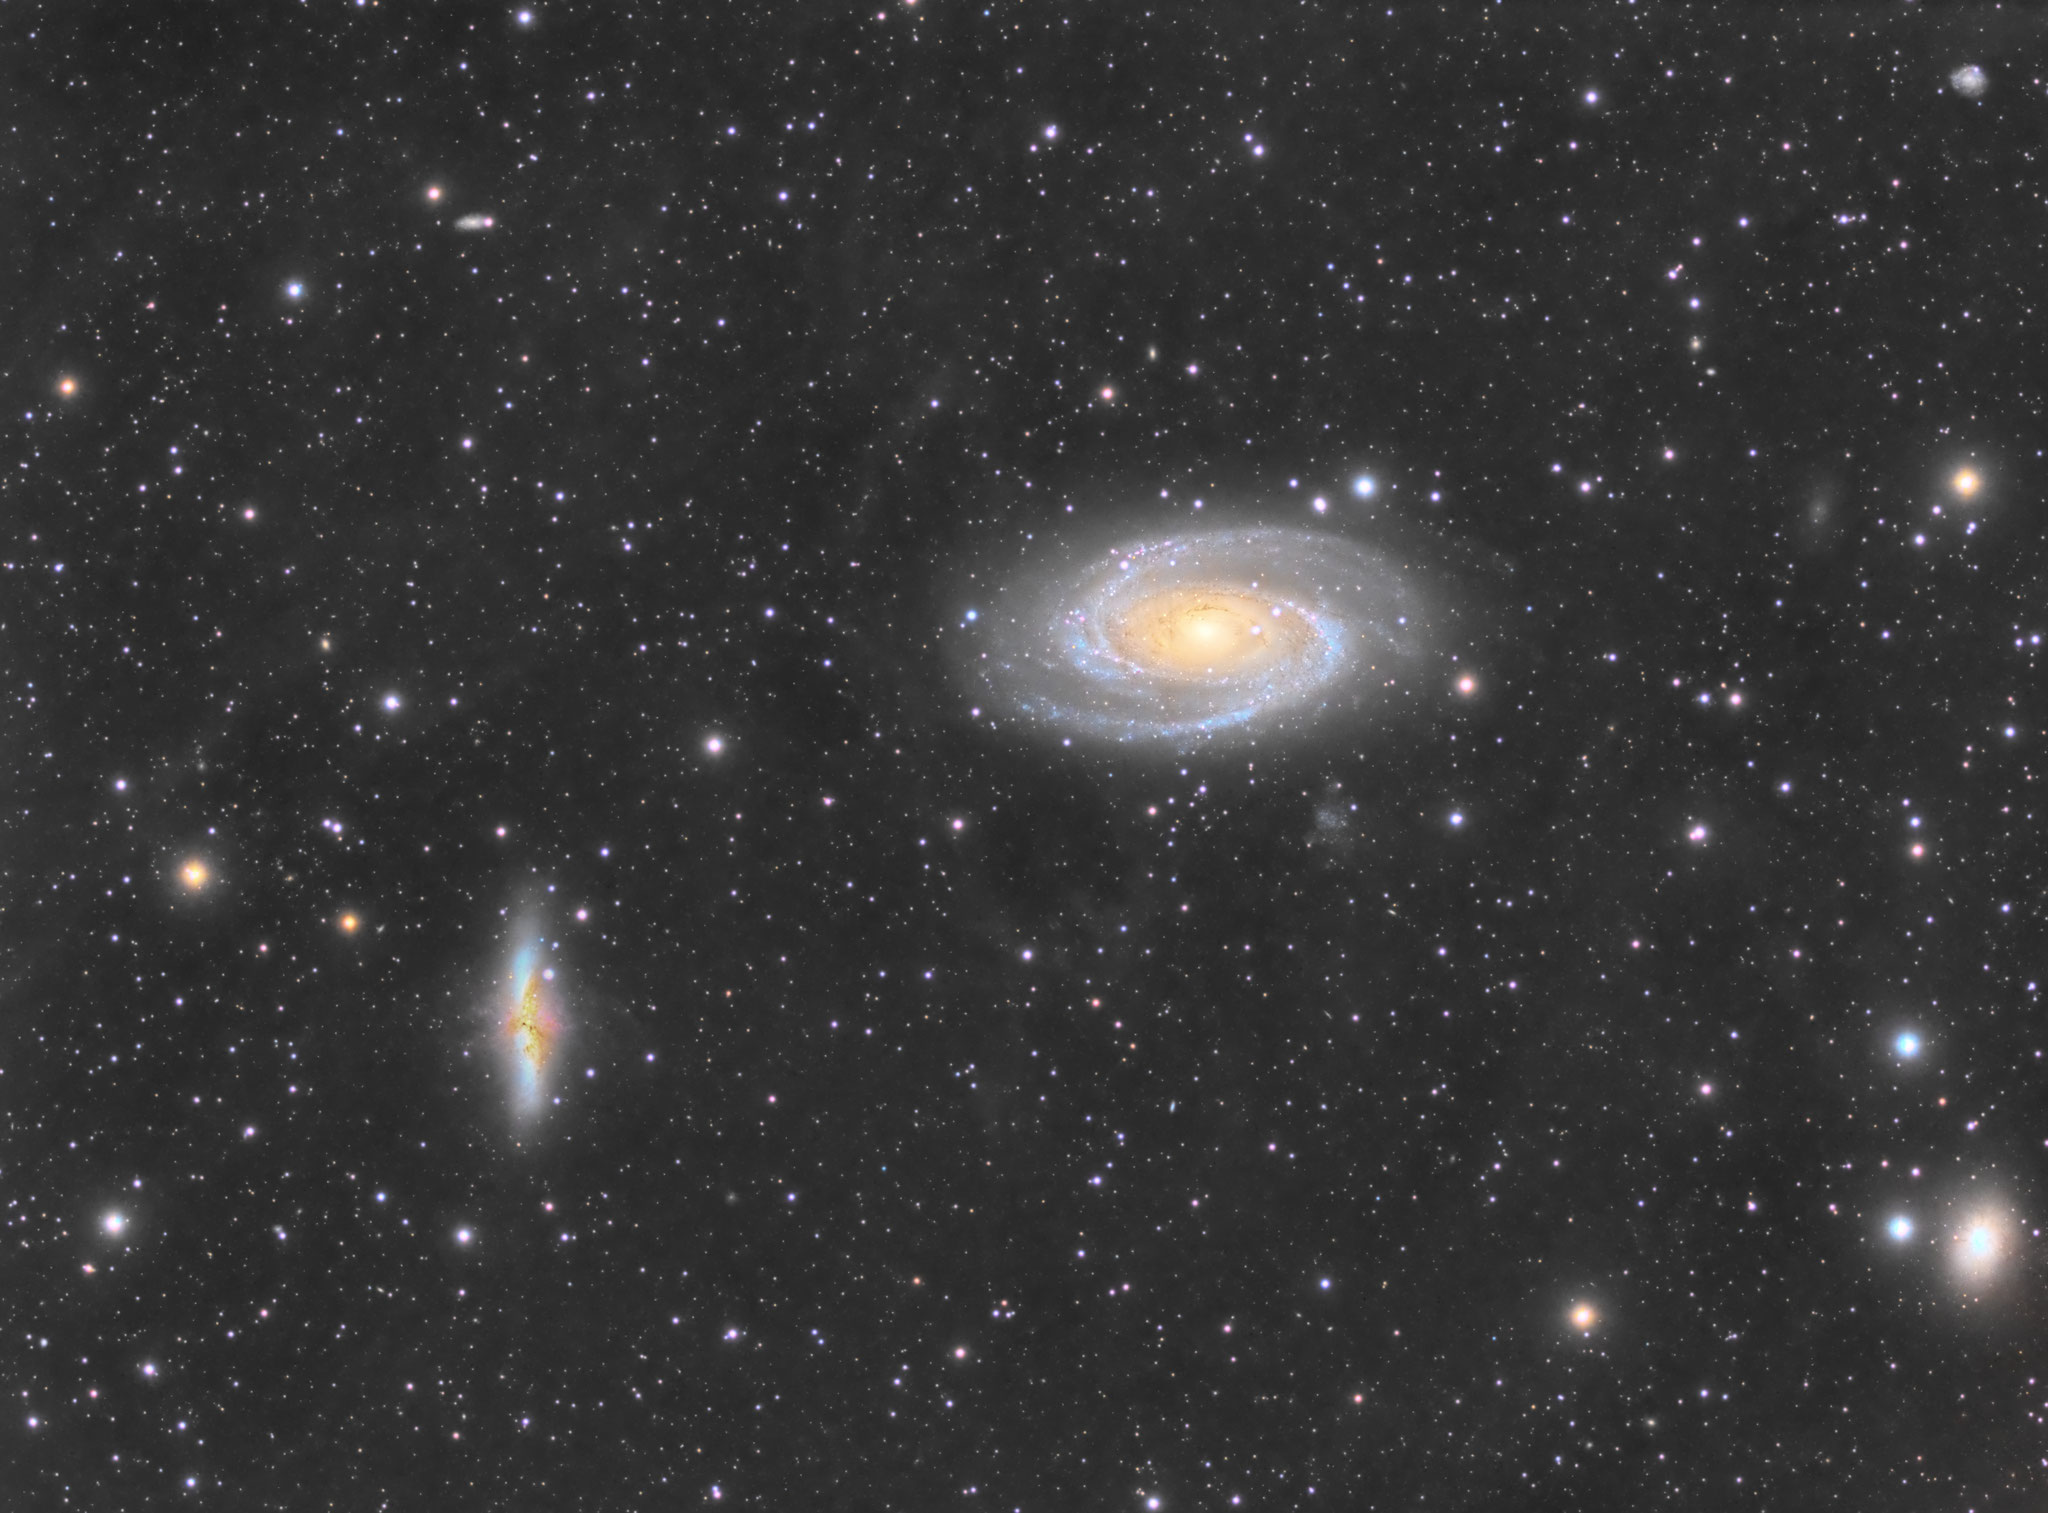 M81 Gruppe, APM LZOS 130/780, Riccardi-Reducer f=585mm, L=240x120s, RGB je 40x120s (Aufnahmen bei Mondschein), Integrated Flux Nebula ansatzweise erkennbar